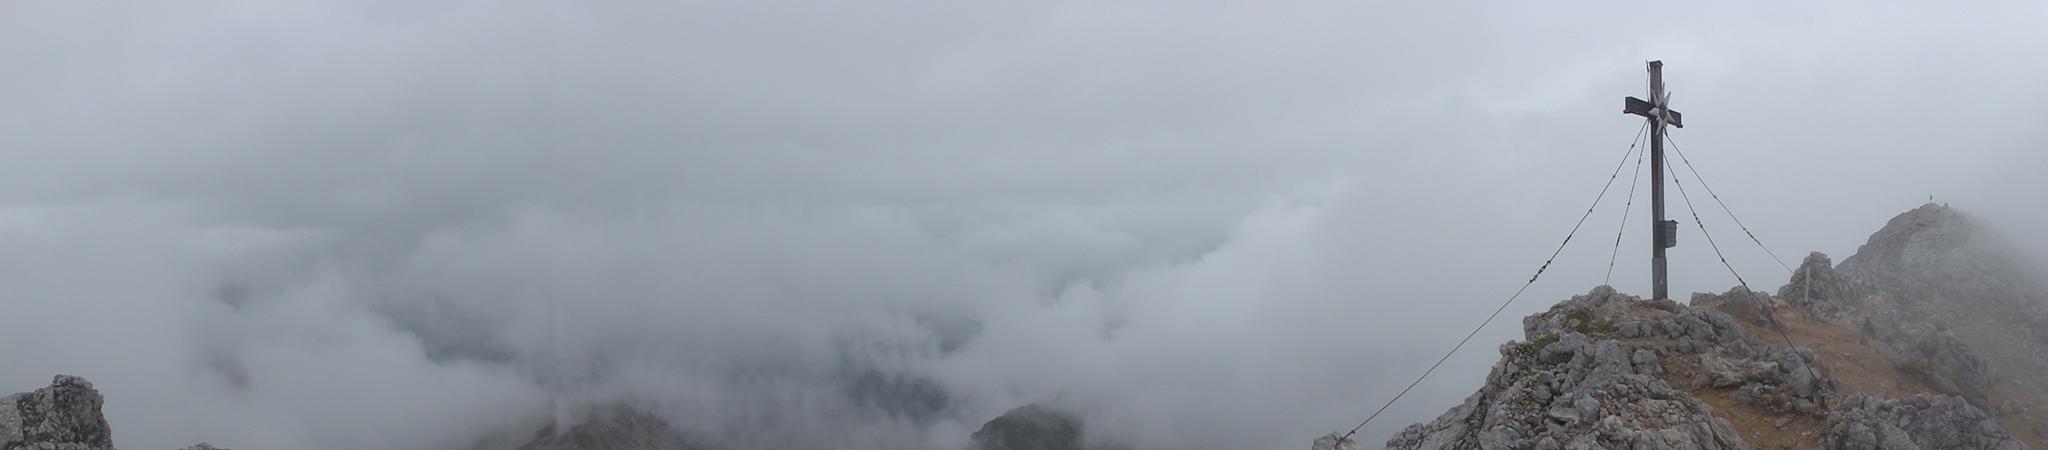 Arnoweg: Gipfelkreuz am Großen Hundstod (2594 m) bei schlechter Aussicht